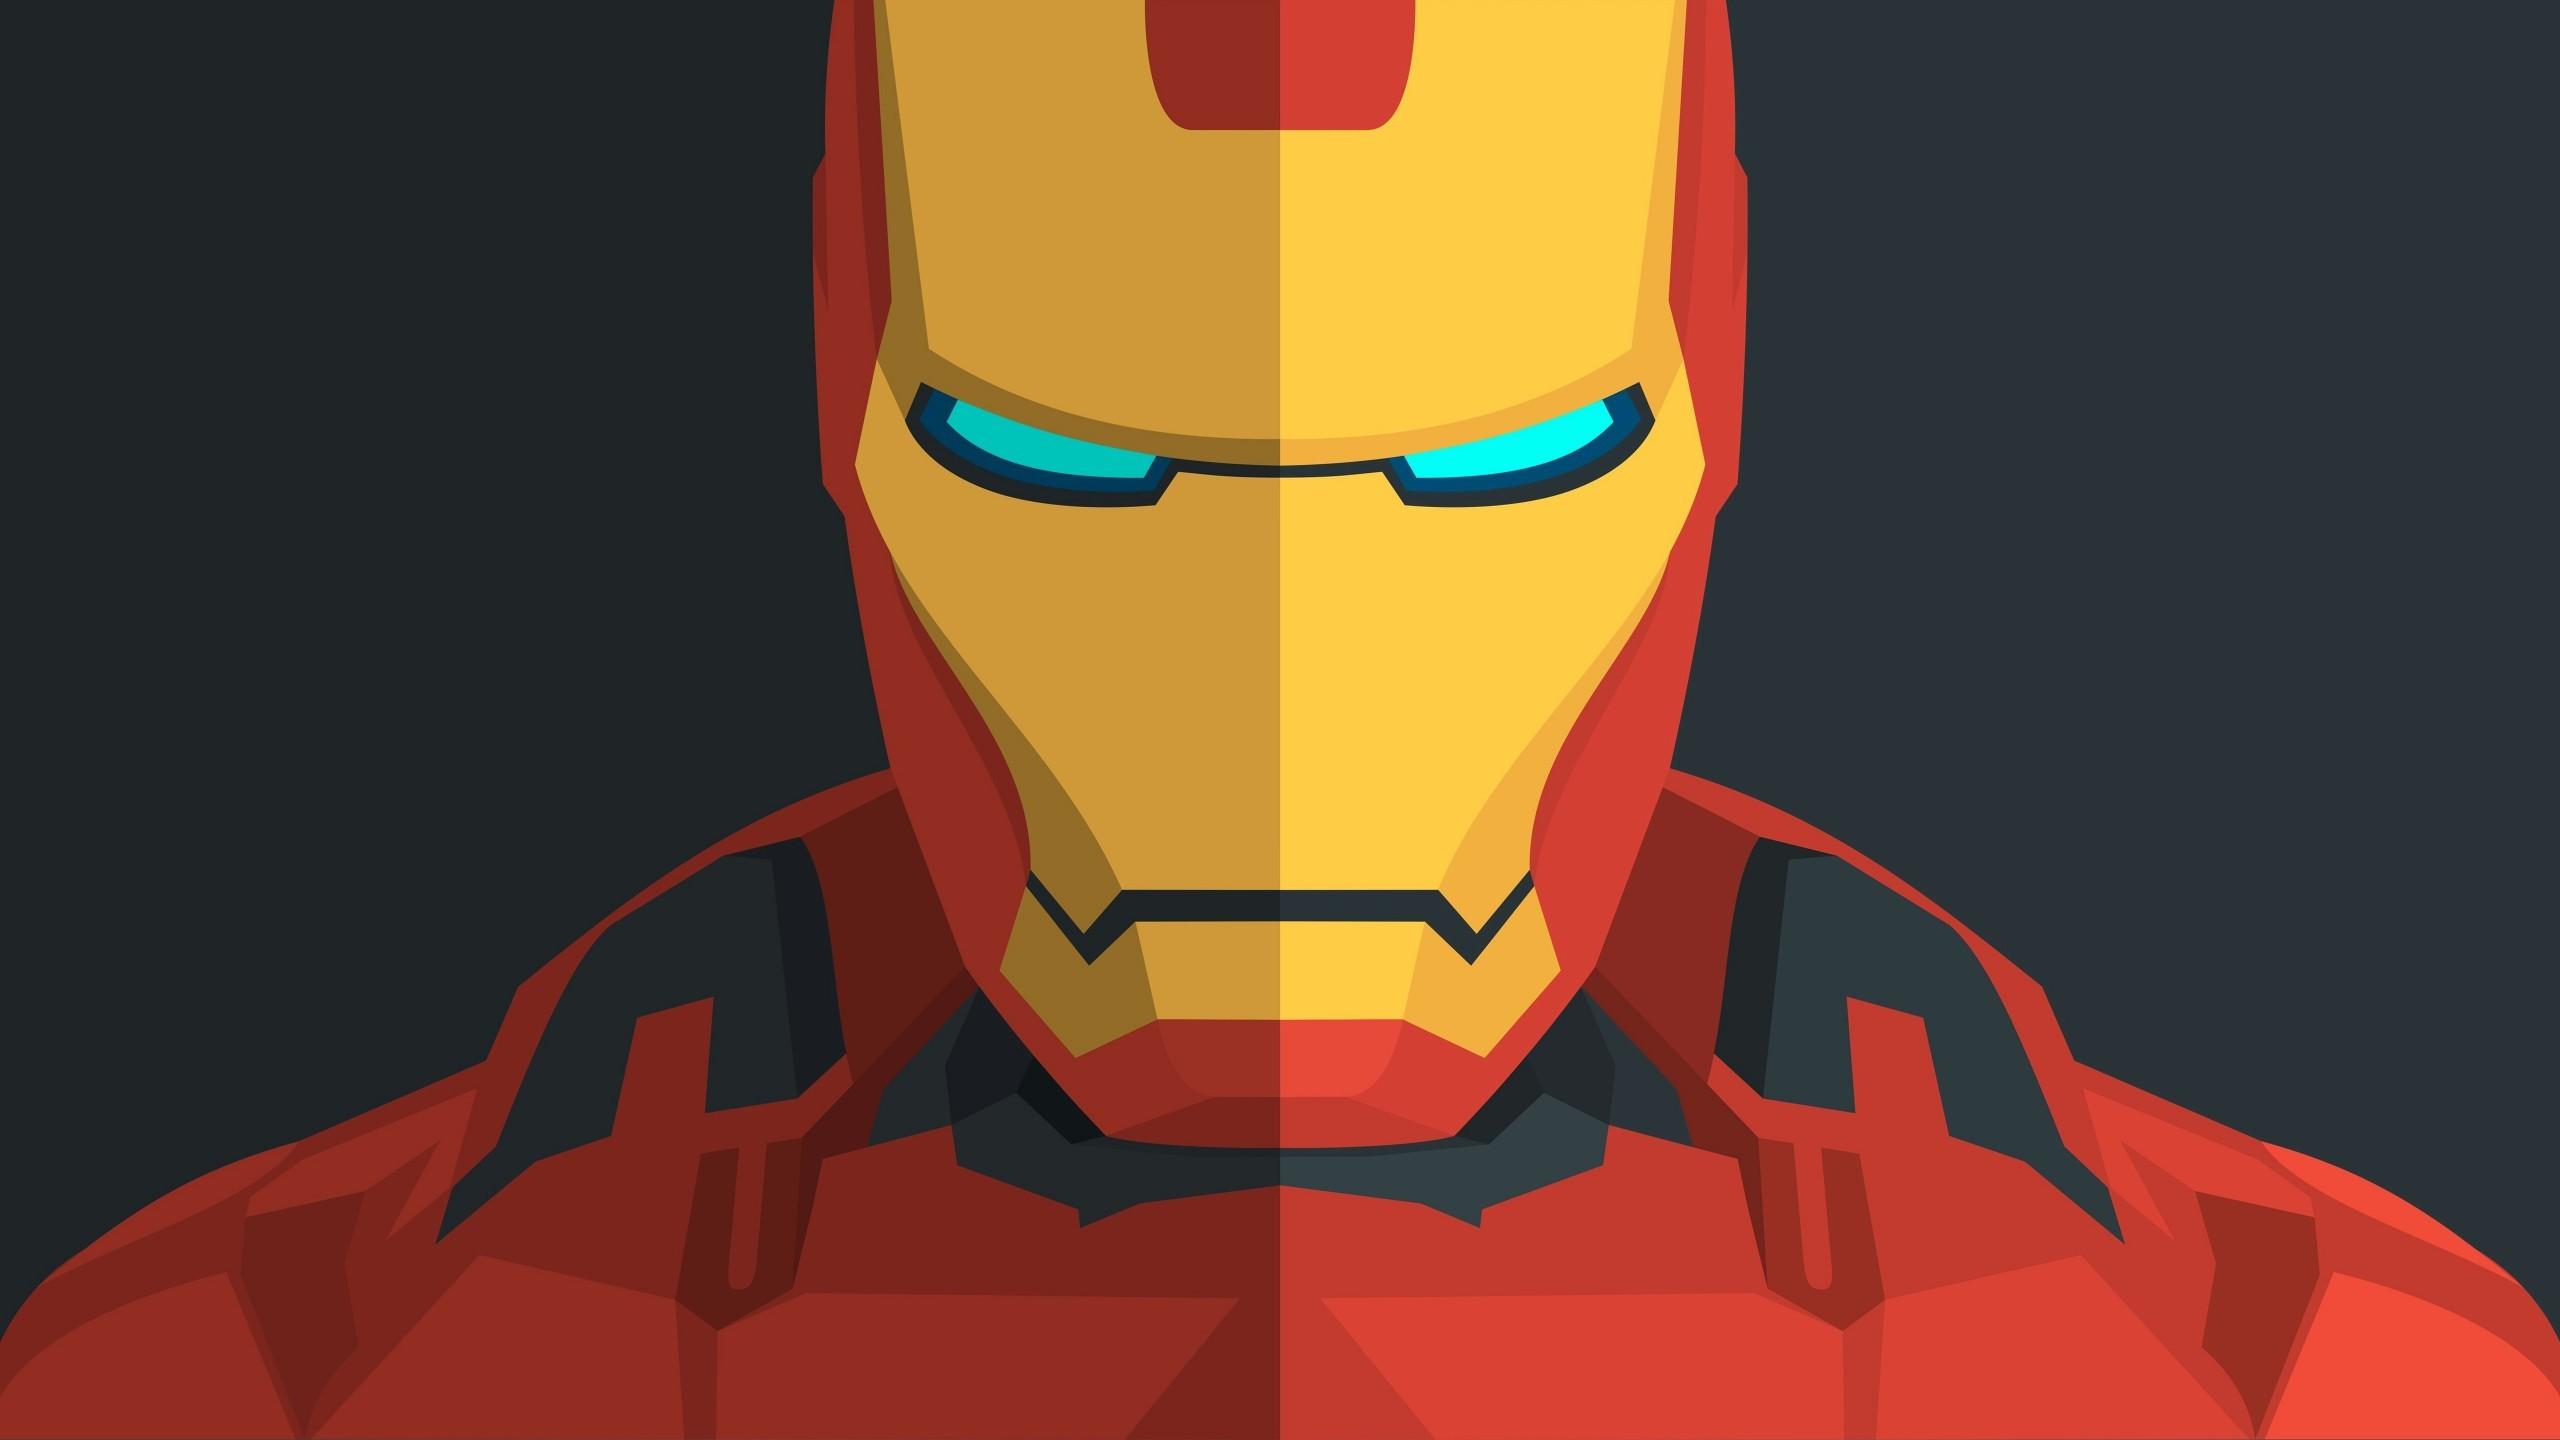 Res: 2560x1440, Iron Man Minimal 4K Wallpaper